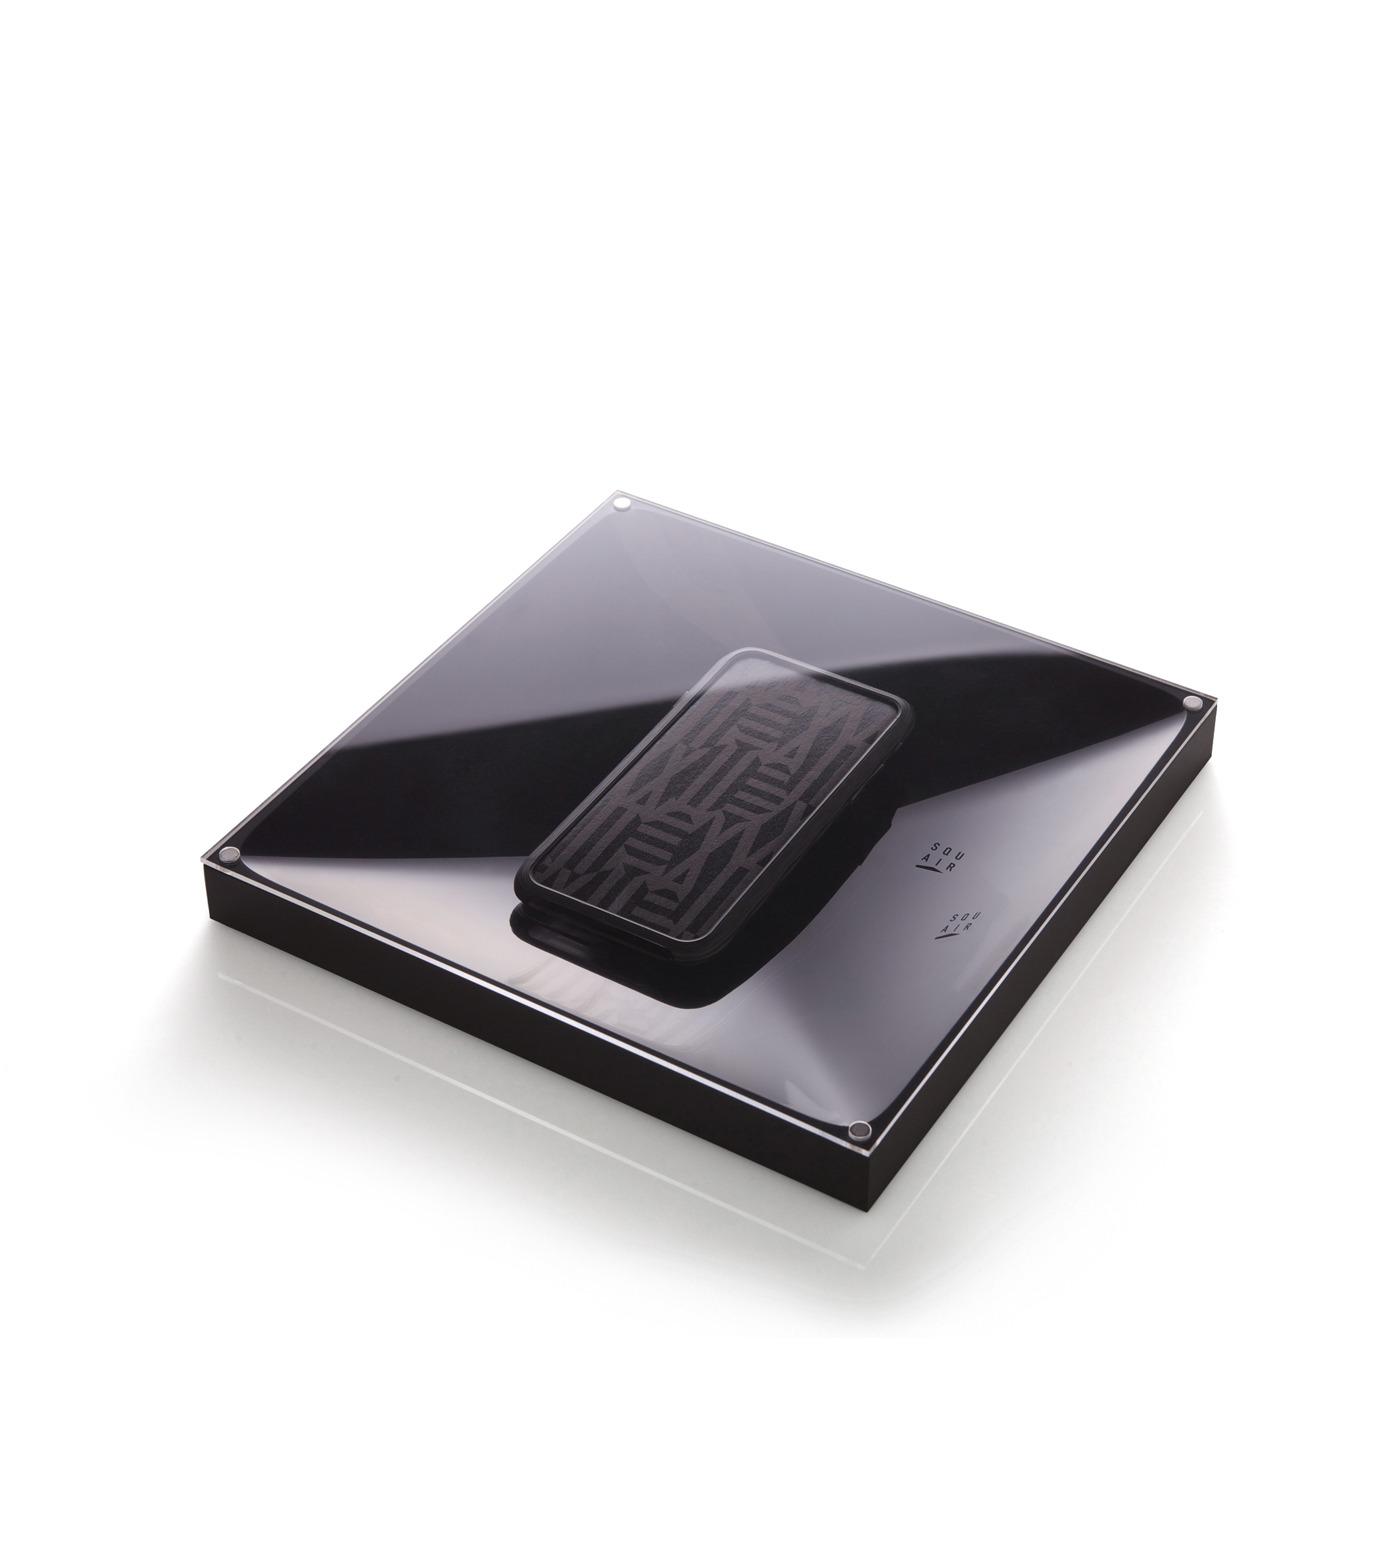 SQUAIR(スクエア)のThe Dimple for iPhone6s plus-BLACK(ケースiphone6plus/6splus/case iphone6plus/6splus)-SQDMP630-BLK-13 拡大詳細画像5